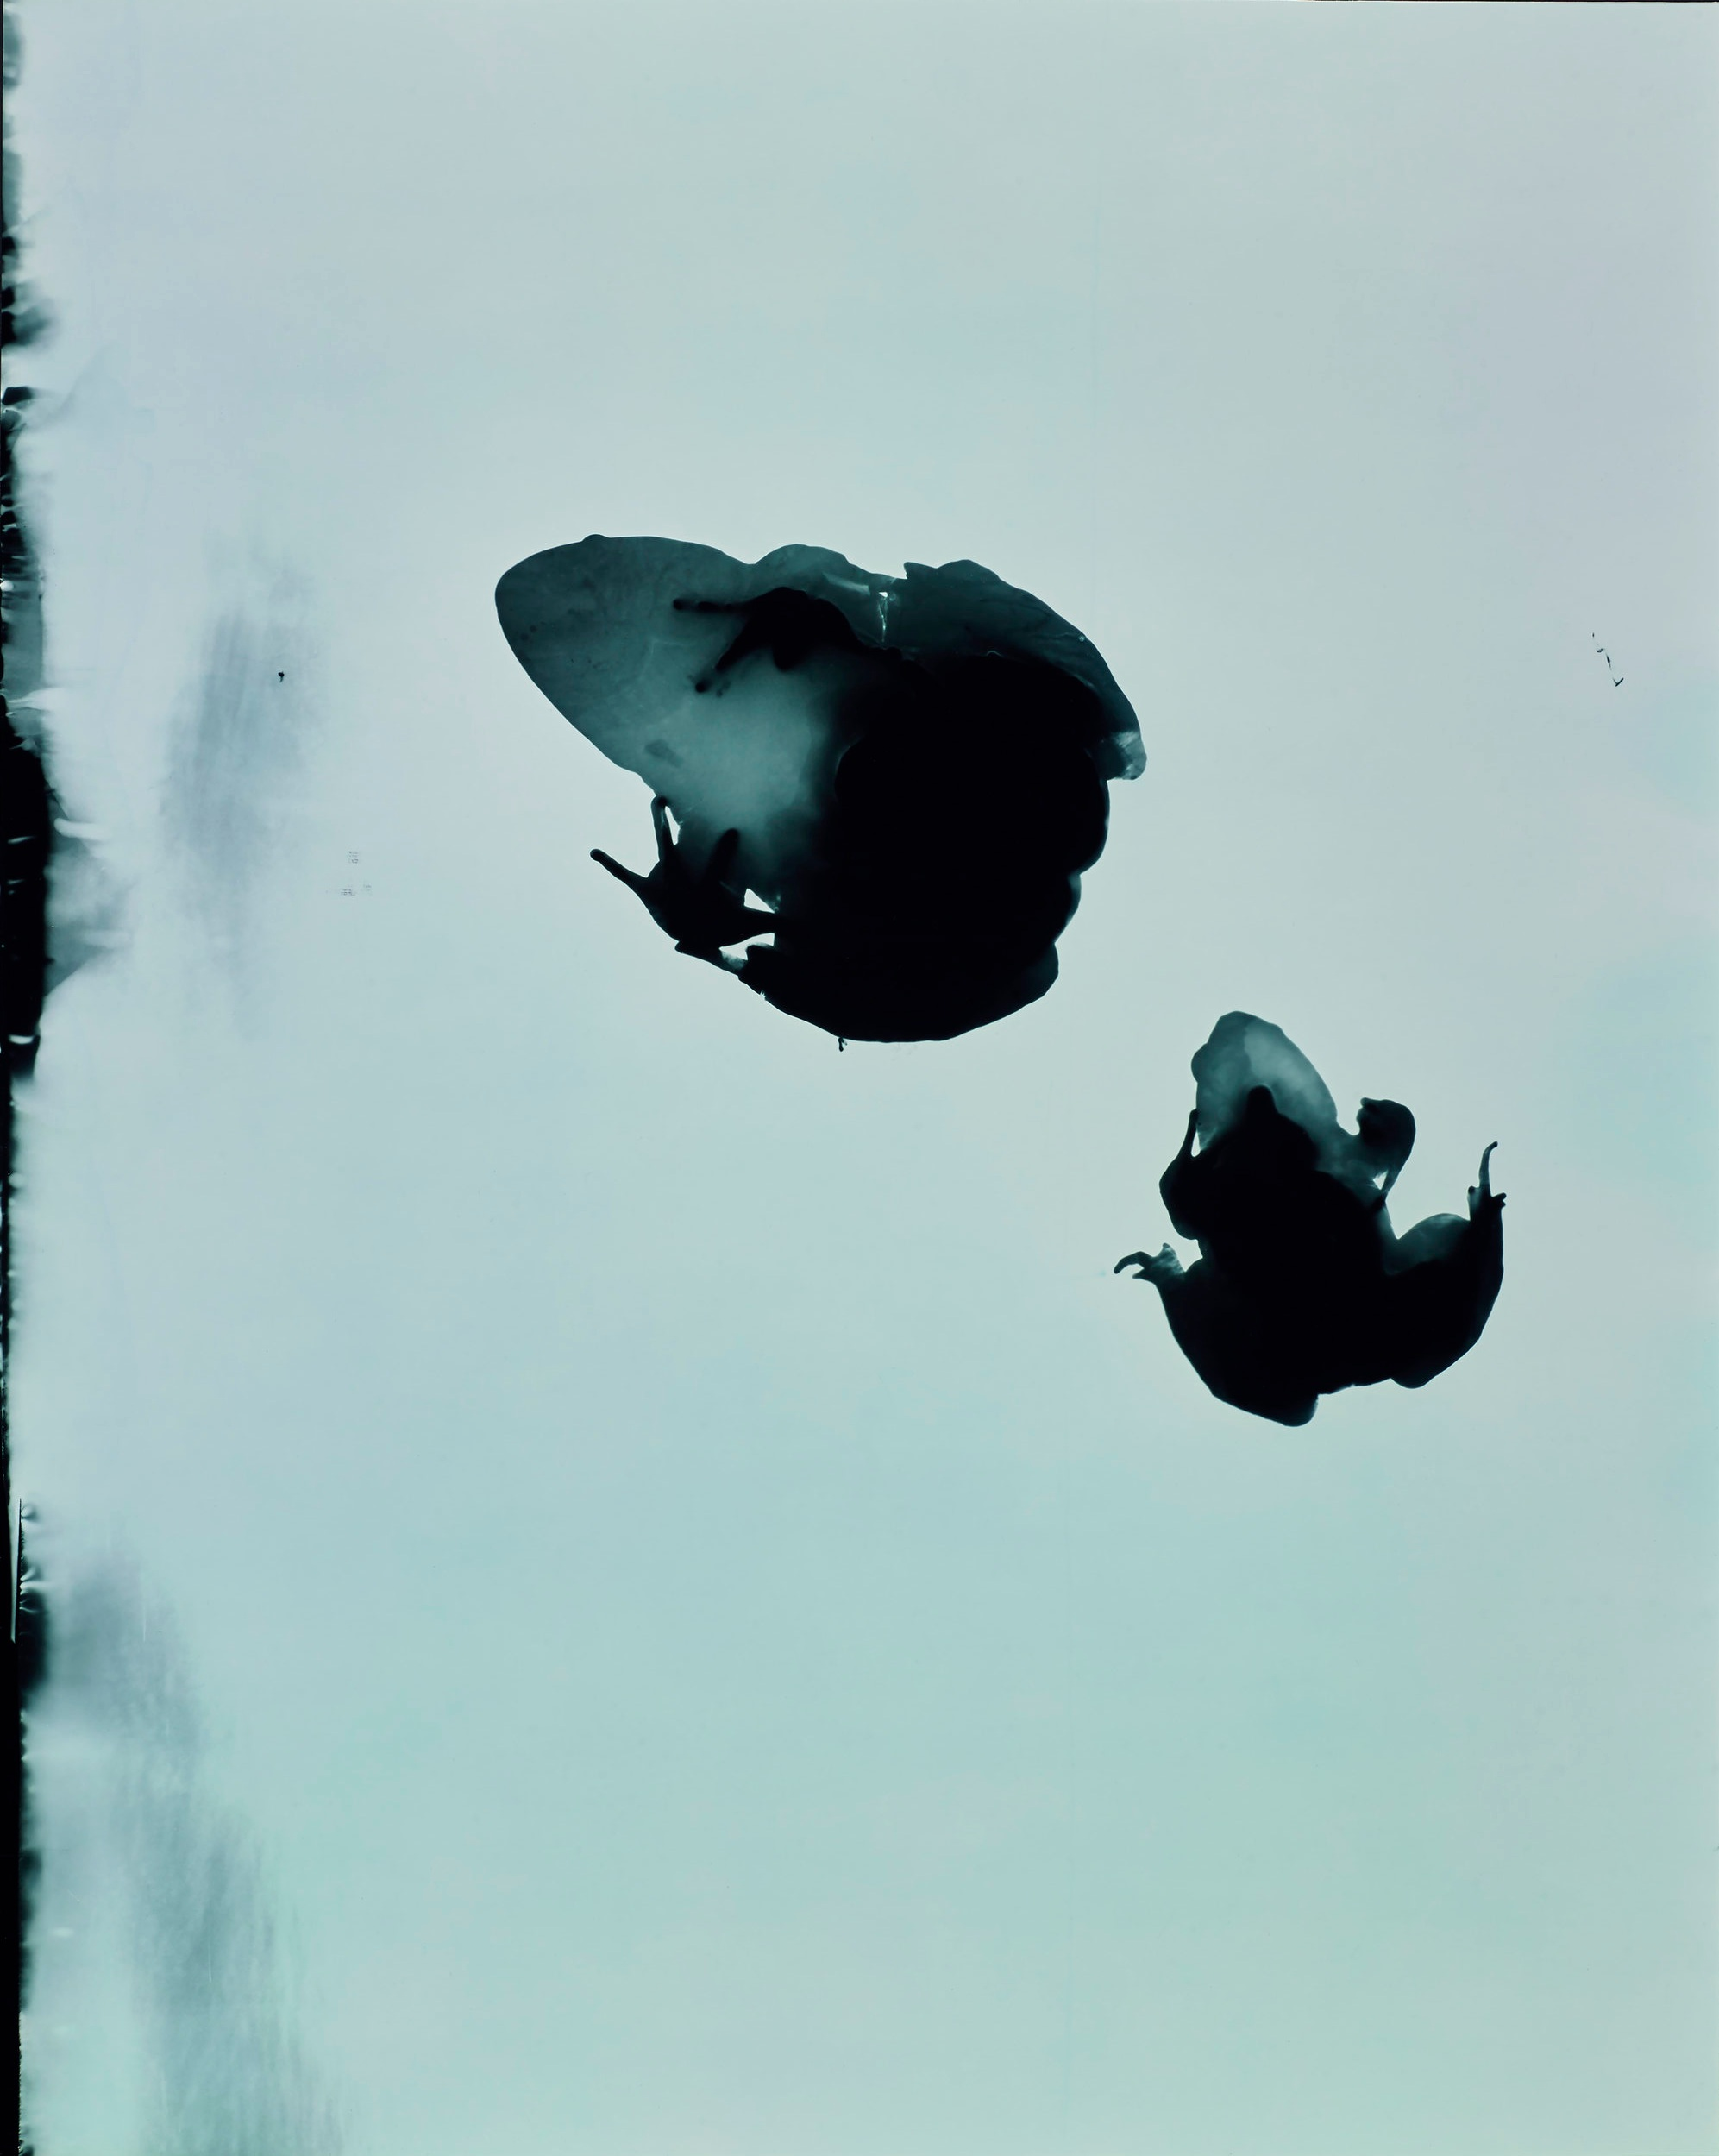 Hoppings L Test 2, 1997